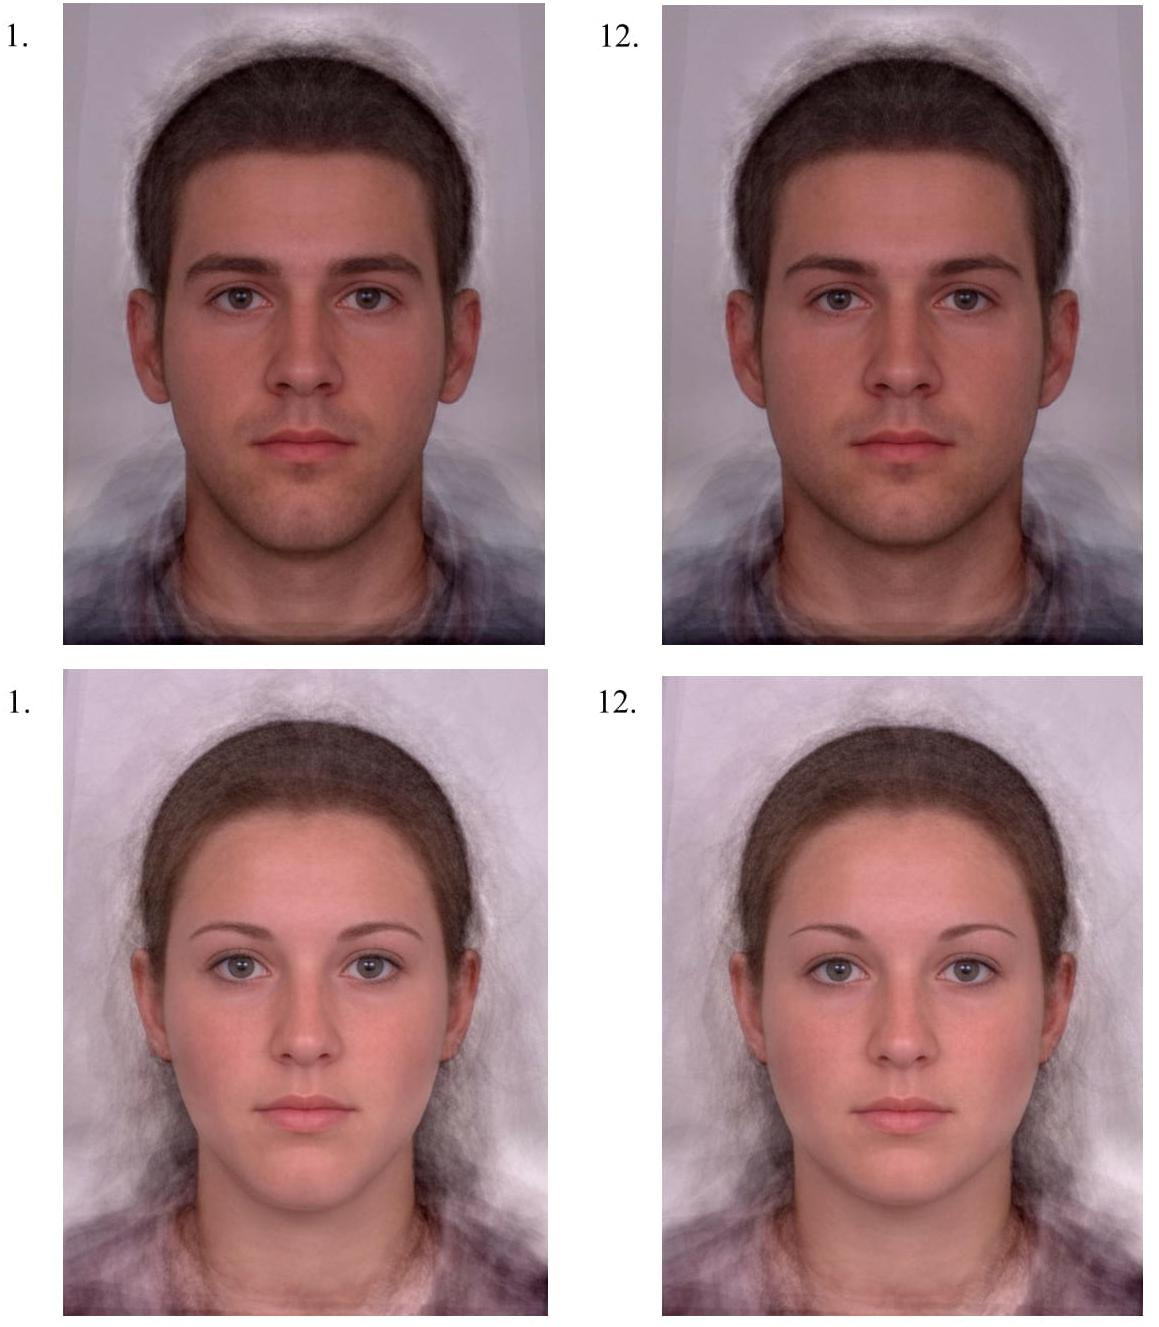 Dimorphism in facial